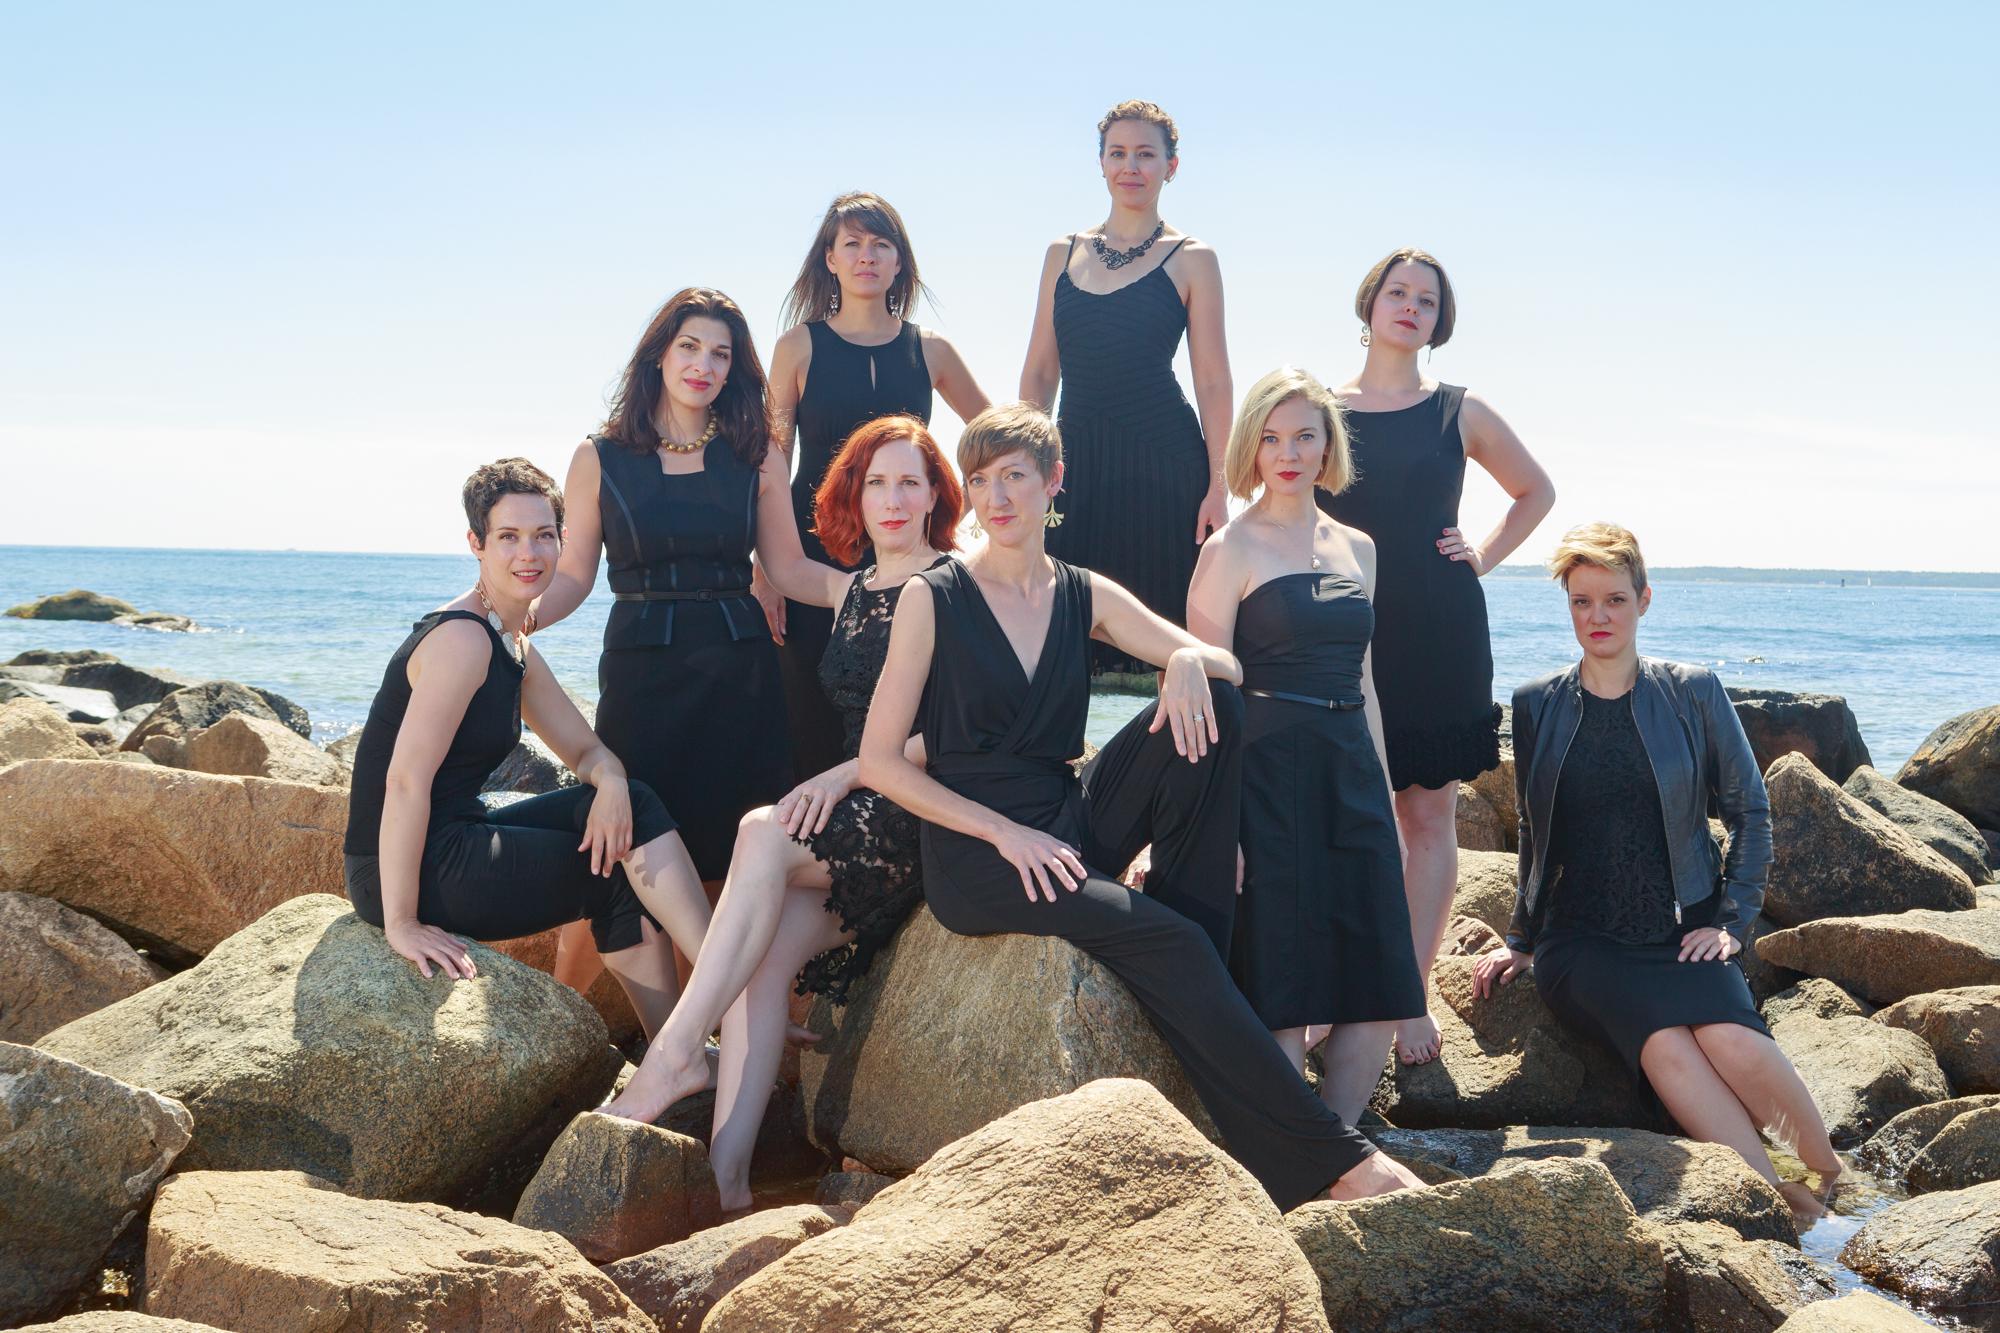 Lorelei Ensemble singers posed on rocks by sea